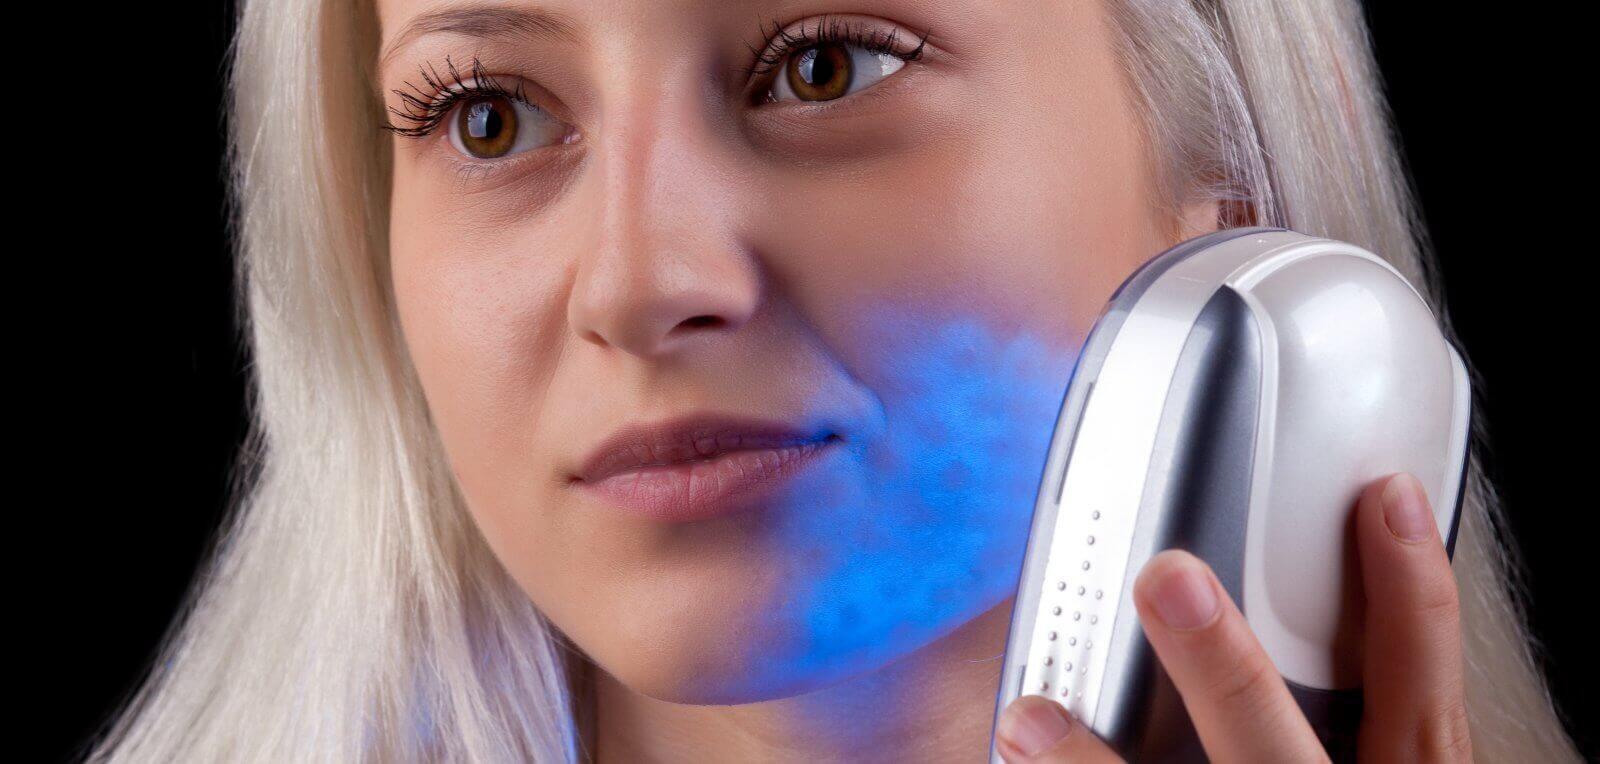 Lässt sich Akne mit Lichttherapie bekämpfen?